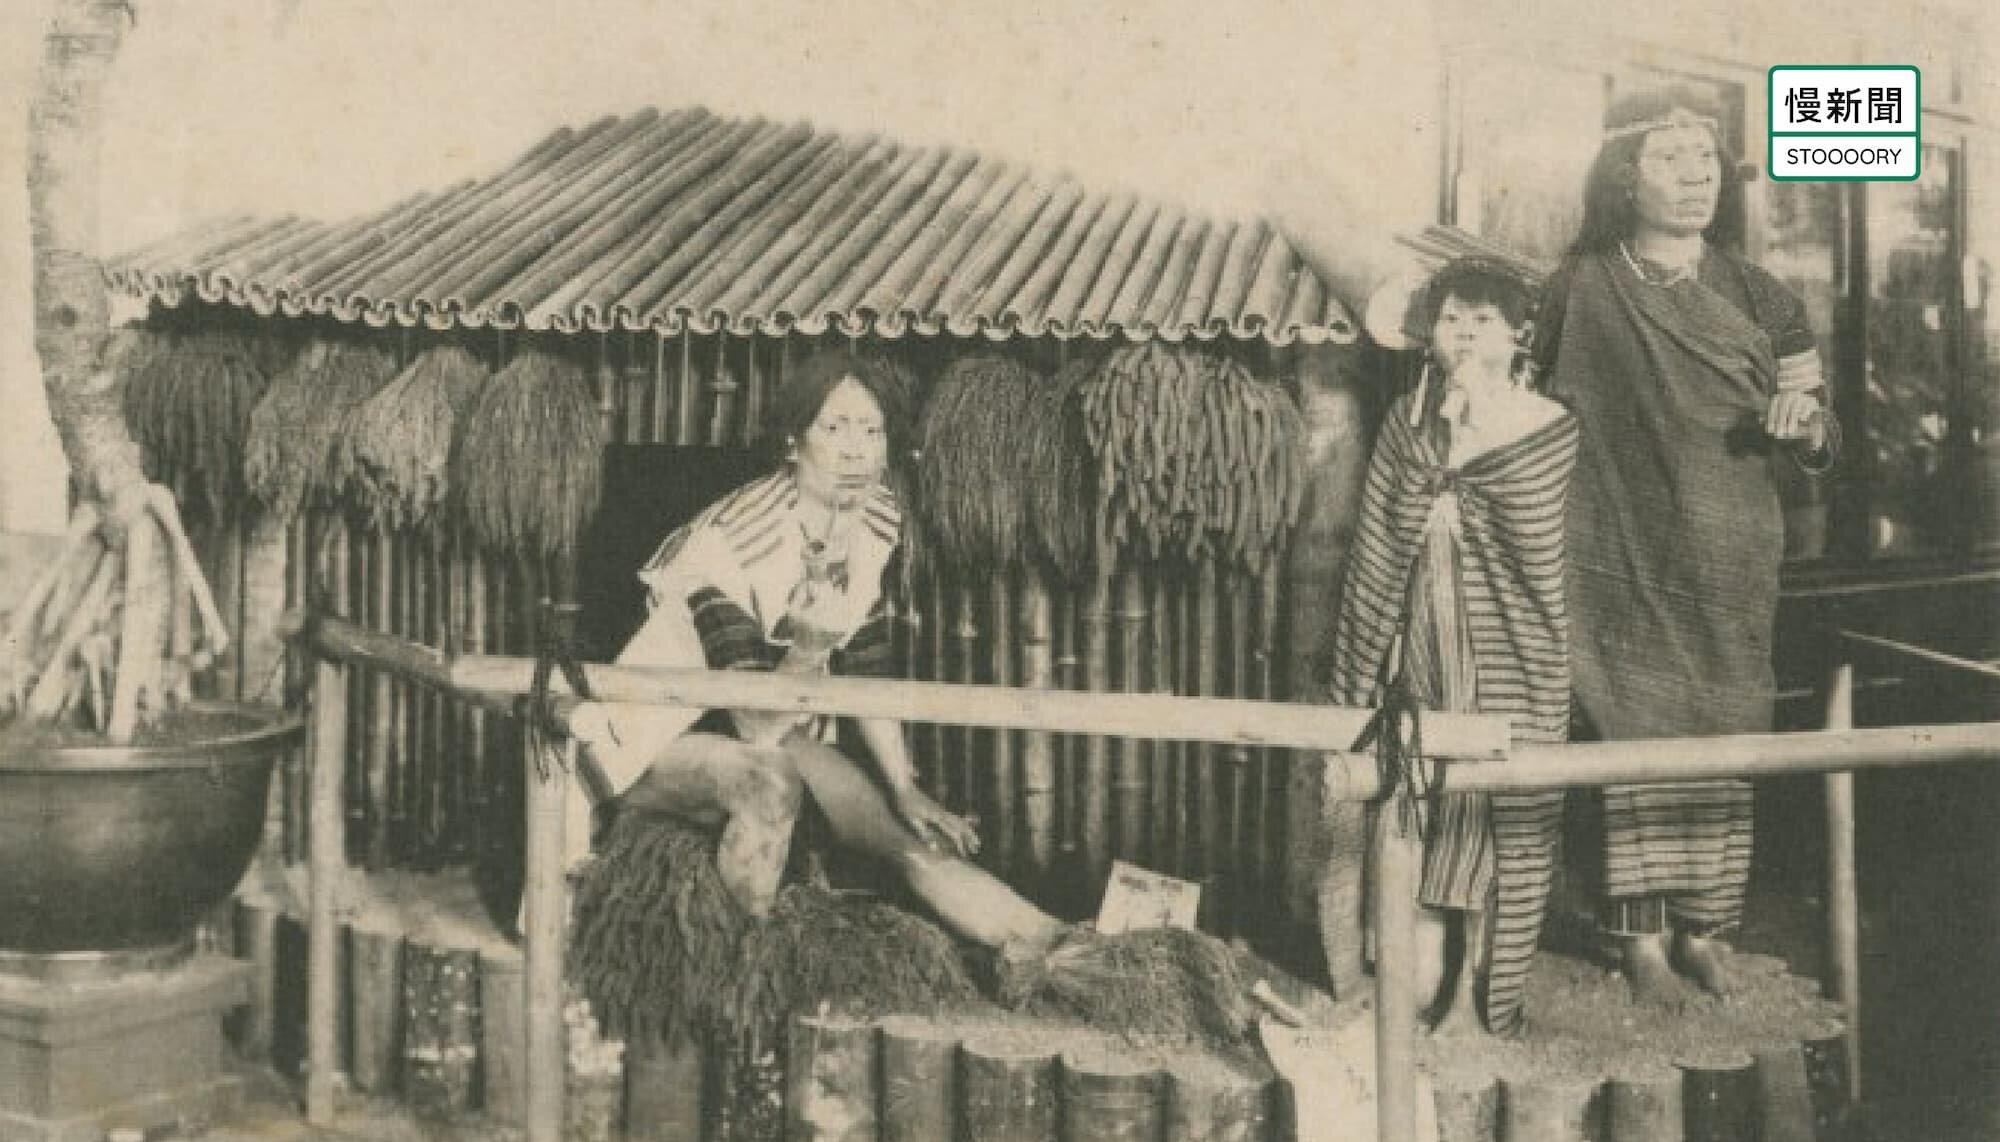 沒有電視劇的年代,被展示的原住民:1910 年倫敦,24 名來自臺灣的排灣族人